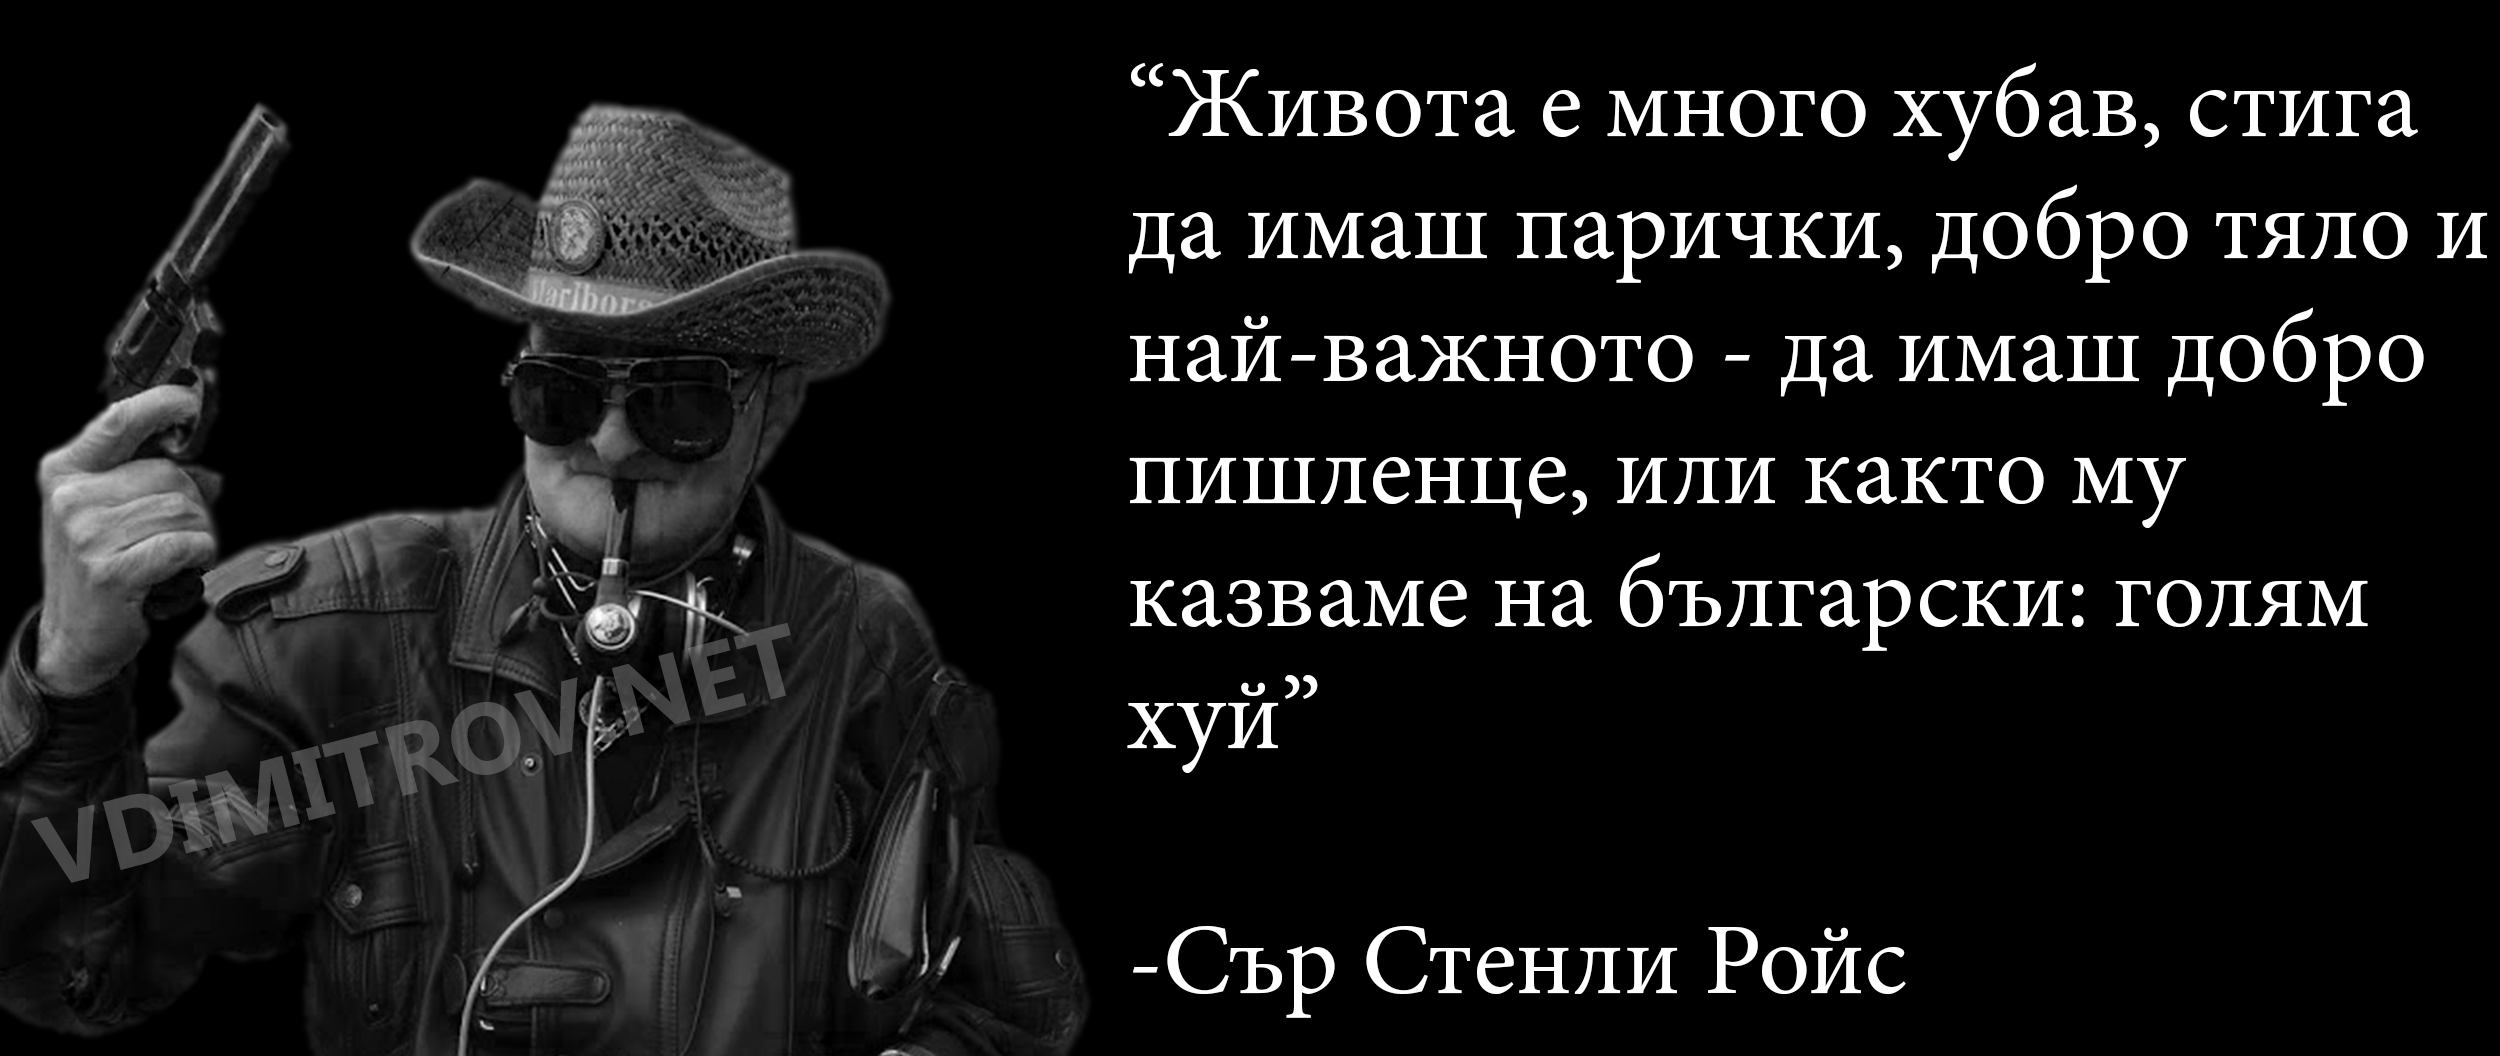 Сър Стенли Ройс - цитати - живота е много хубав